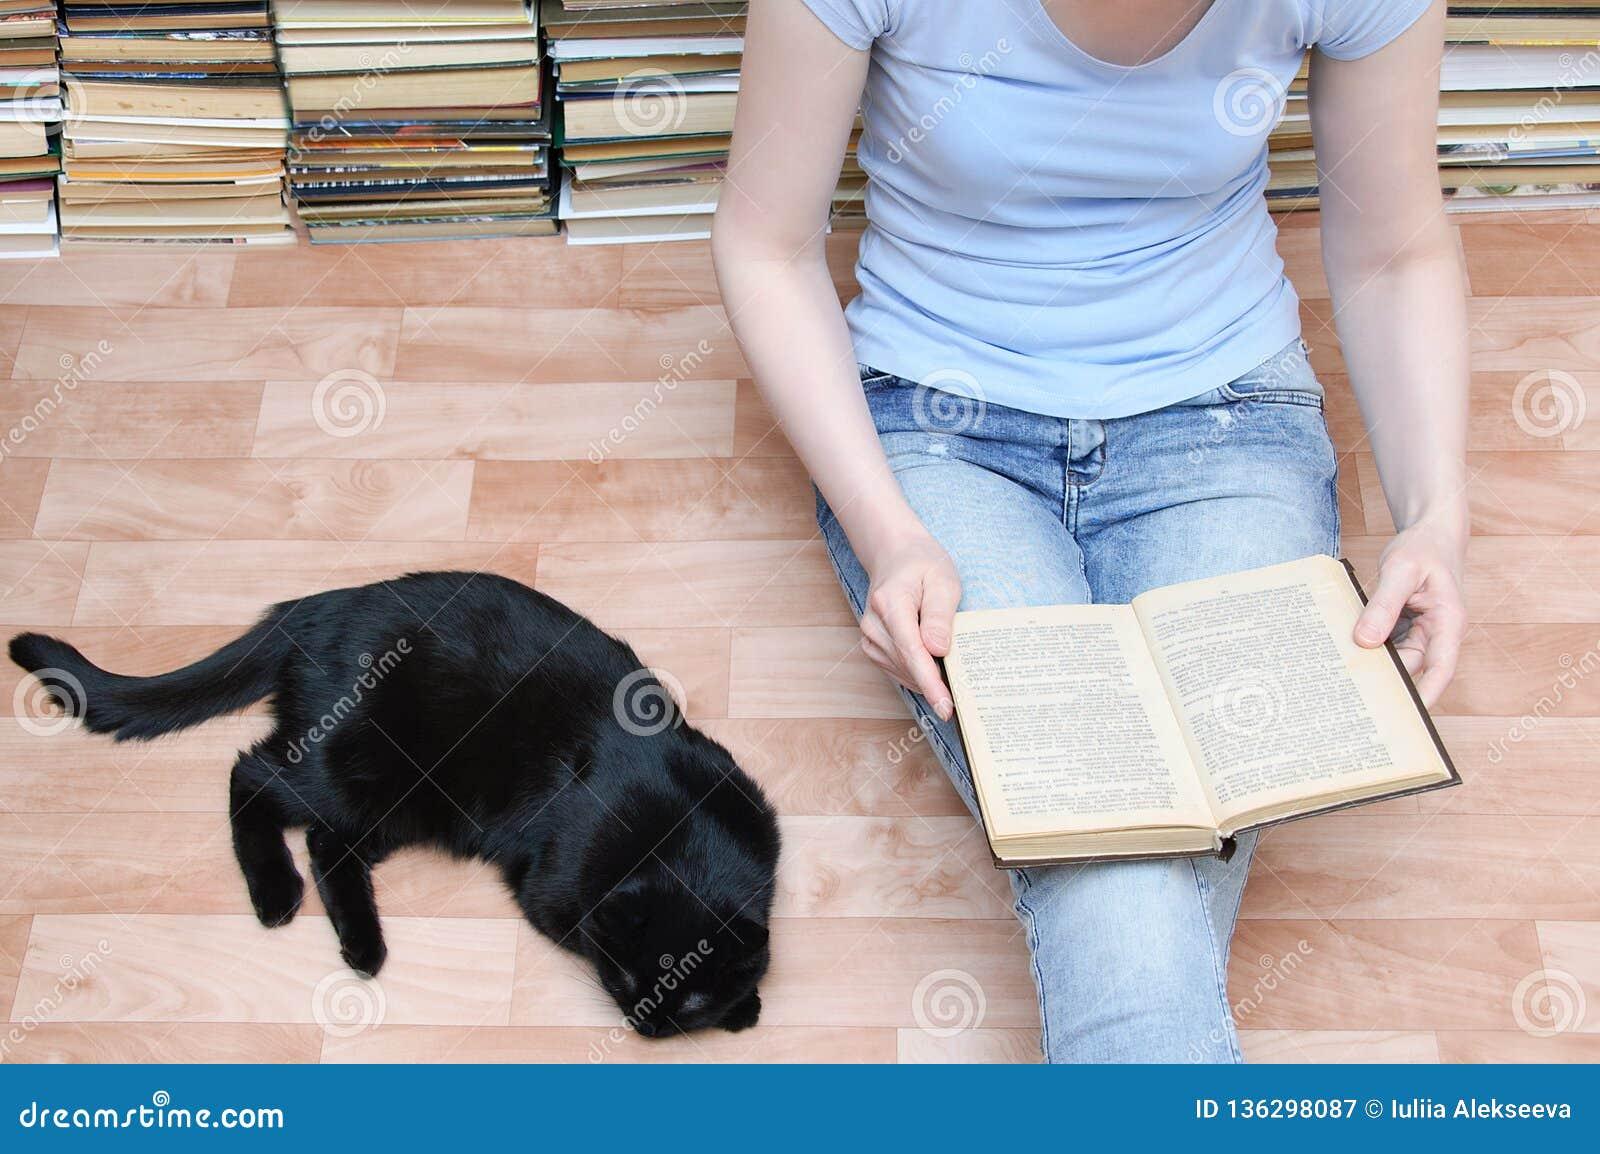 Το κορίτσι κάθεται στο πάτωμα και διαβάζει ένα βιβλίο δίπλα μαύρο να βρεθεί γατών Κινηματογράφηση σε πρώτο πλάνο